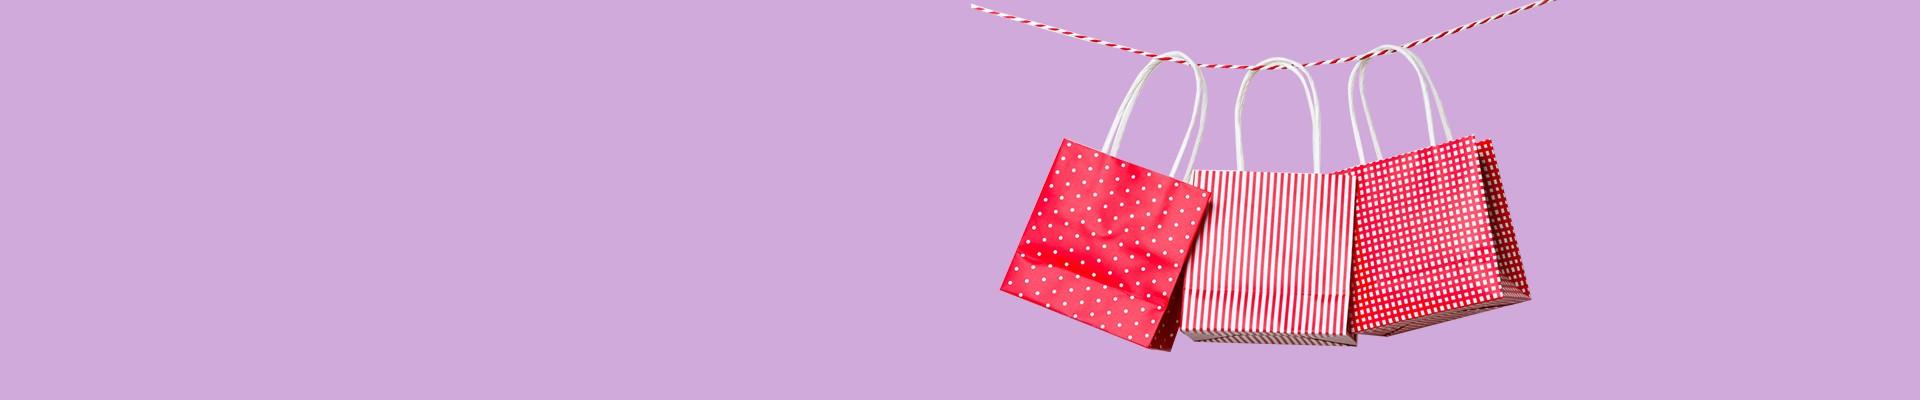 Jual Tas Kertas / Paper Bag Murah dan Berkualitas